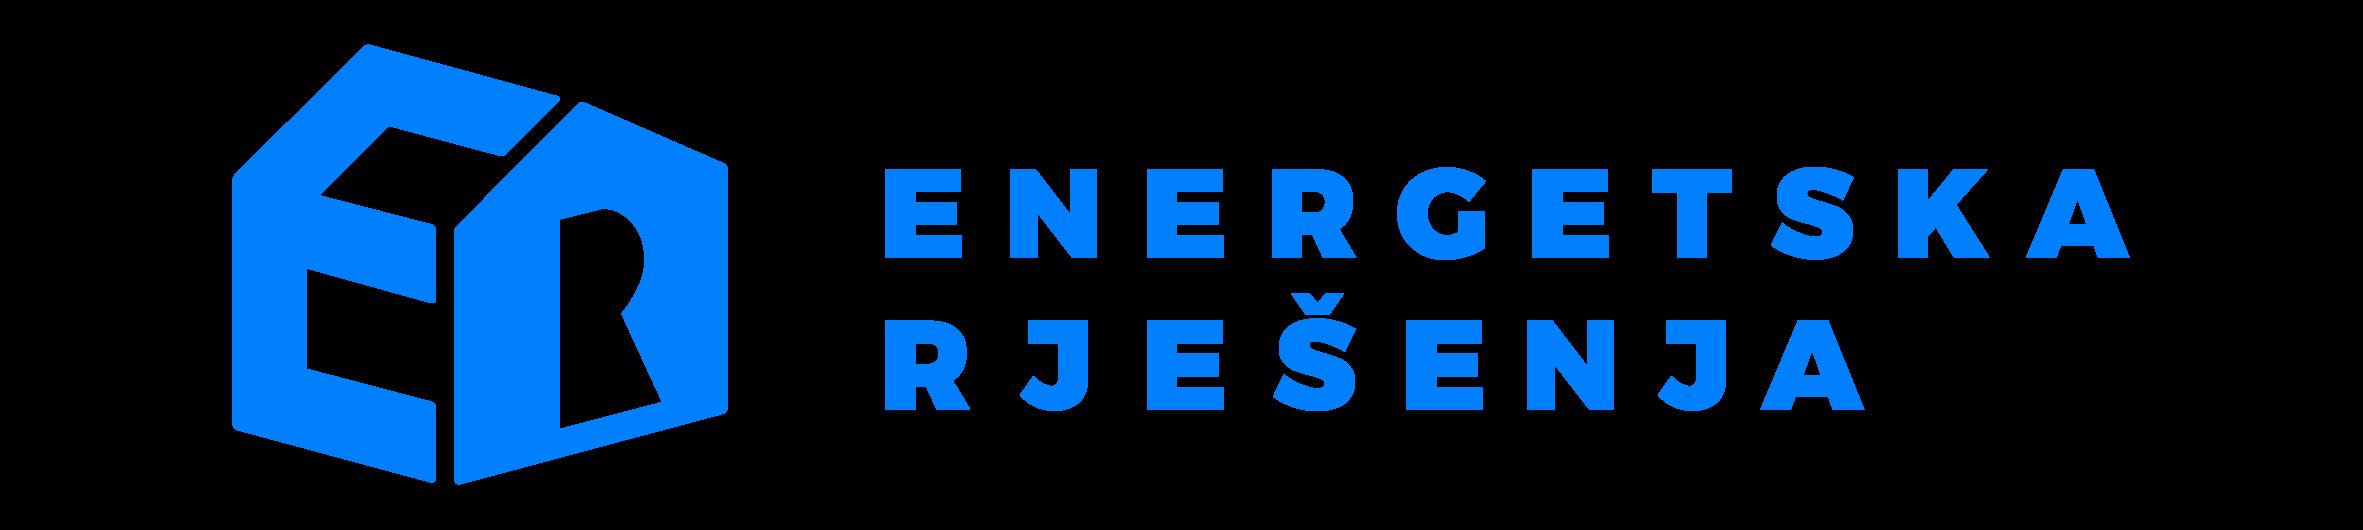 Energetska rješenja